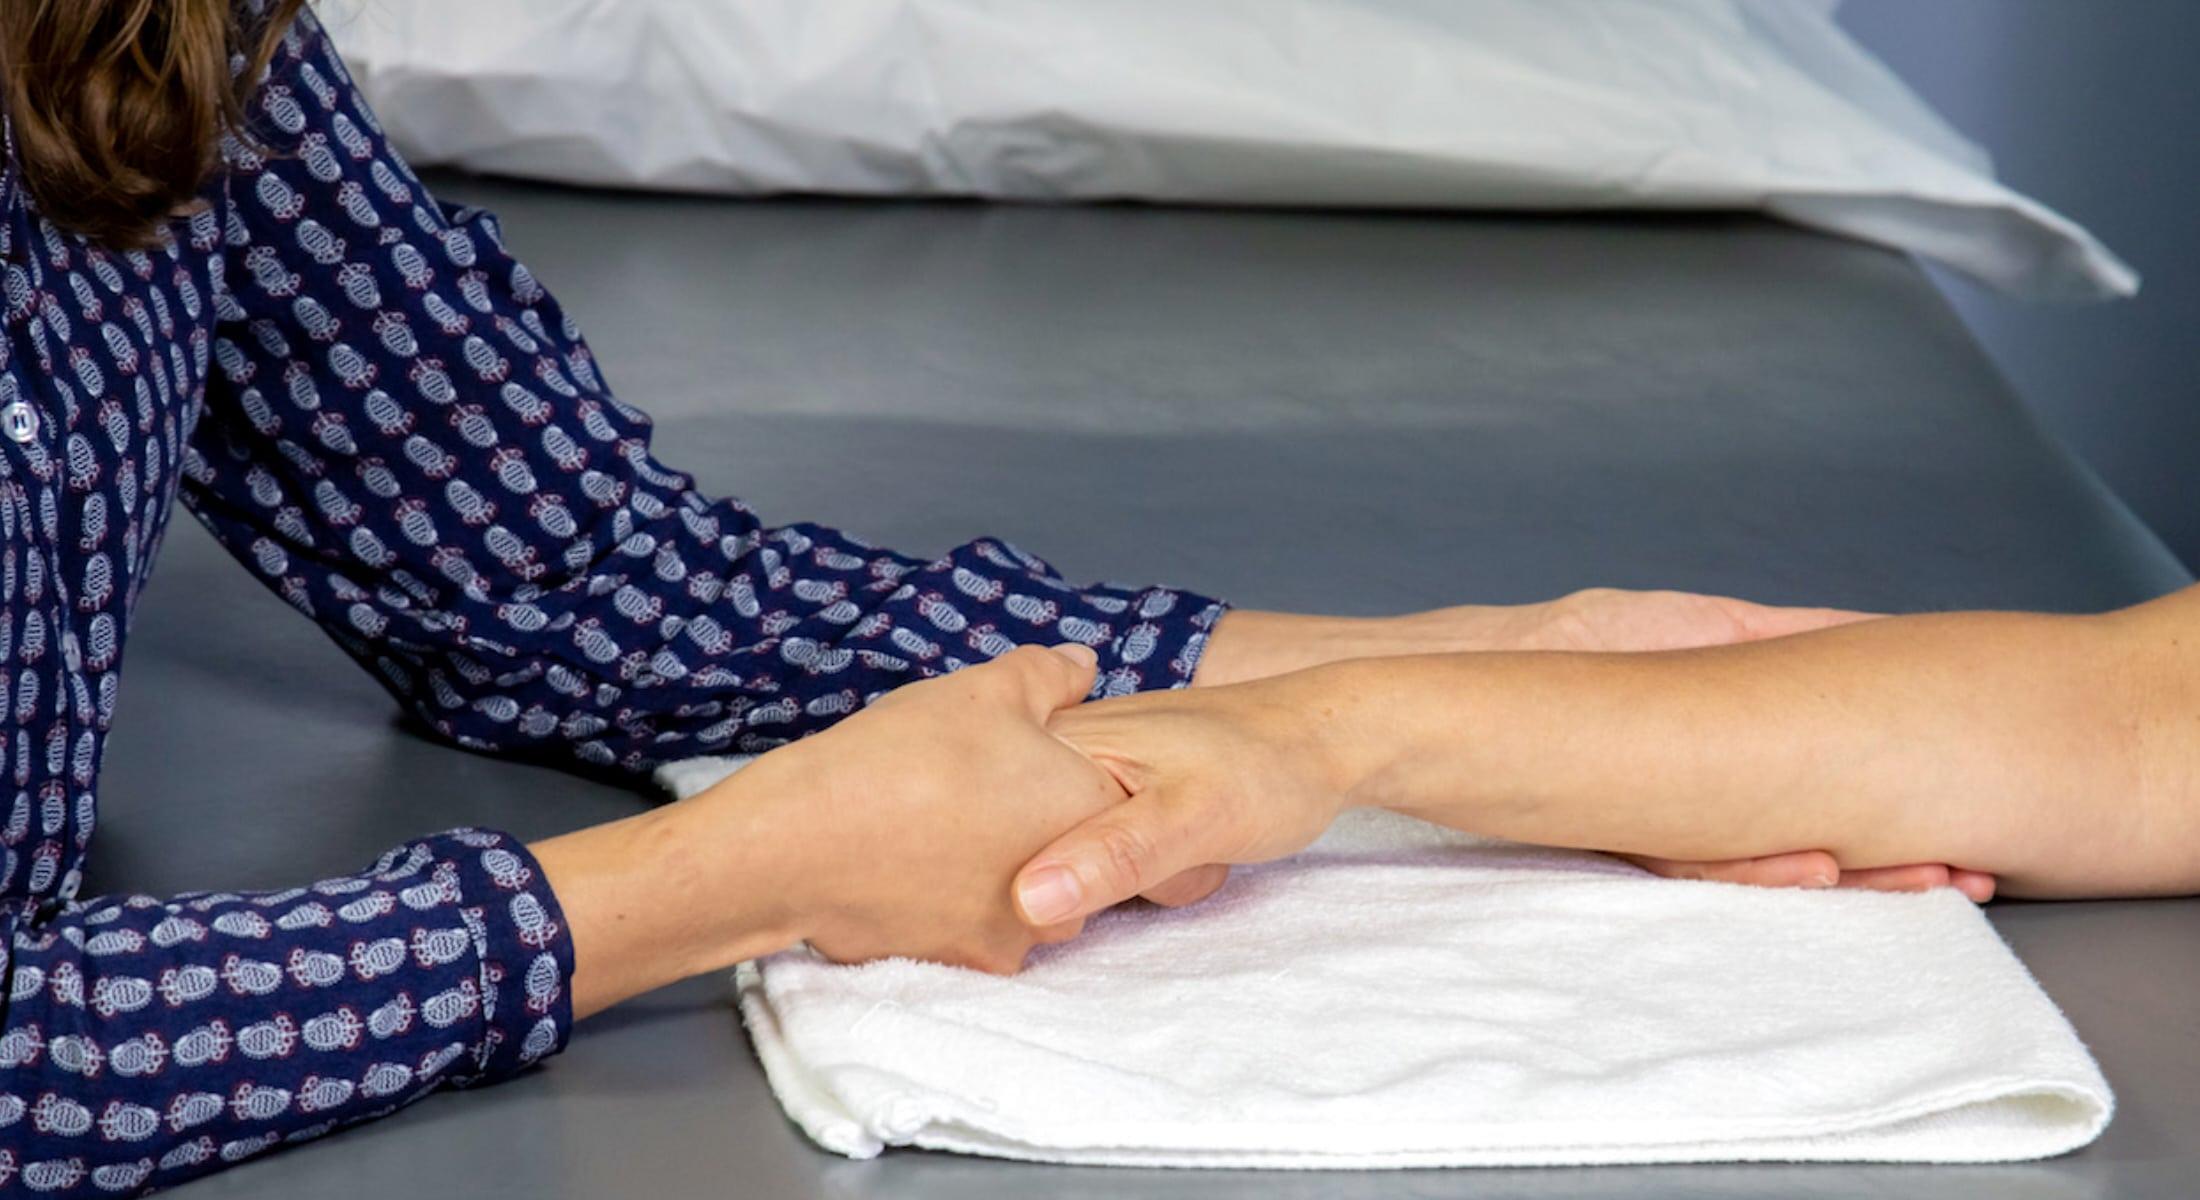 Νόμοι κατά των γιατρών που χρονολογούνται από ασθενείς